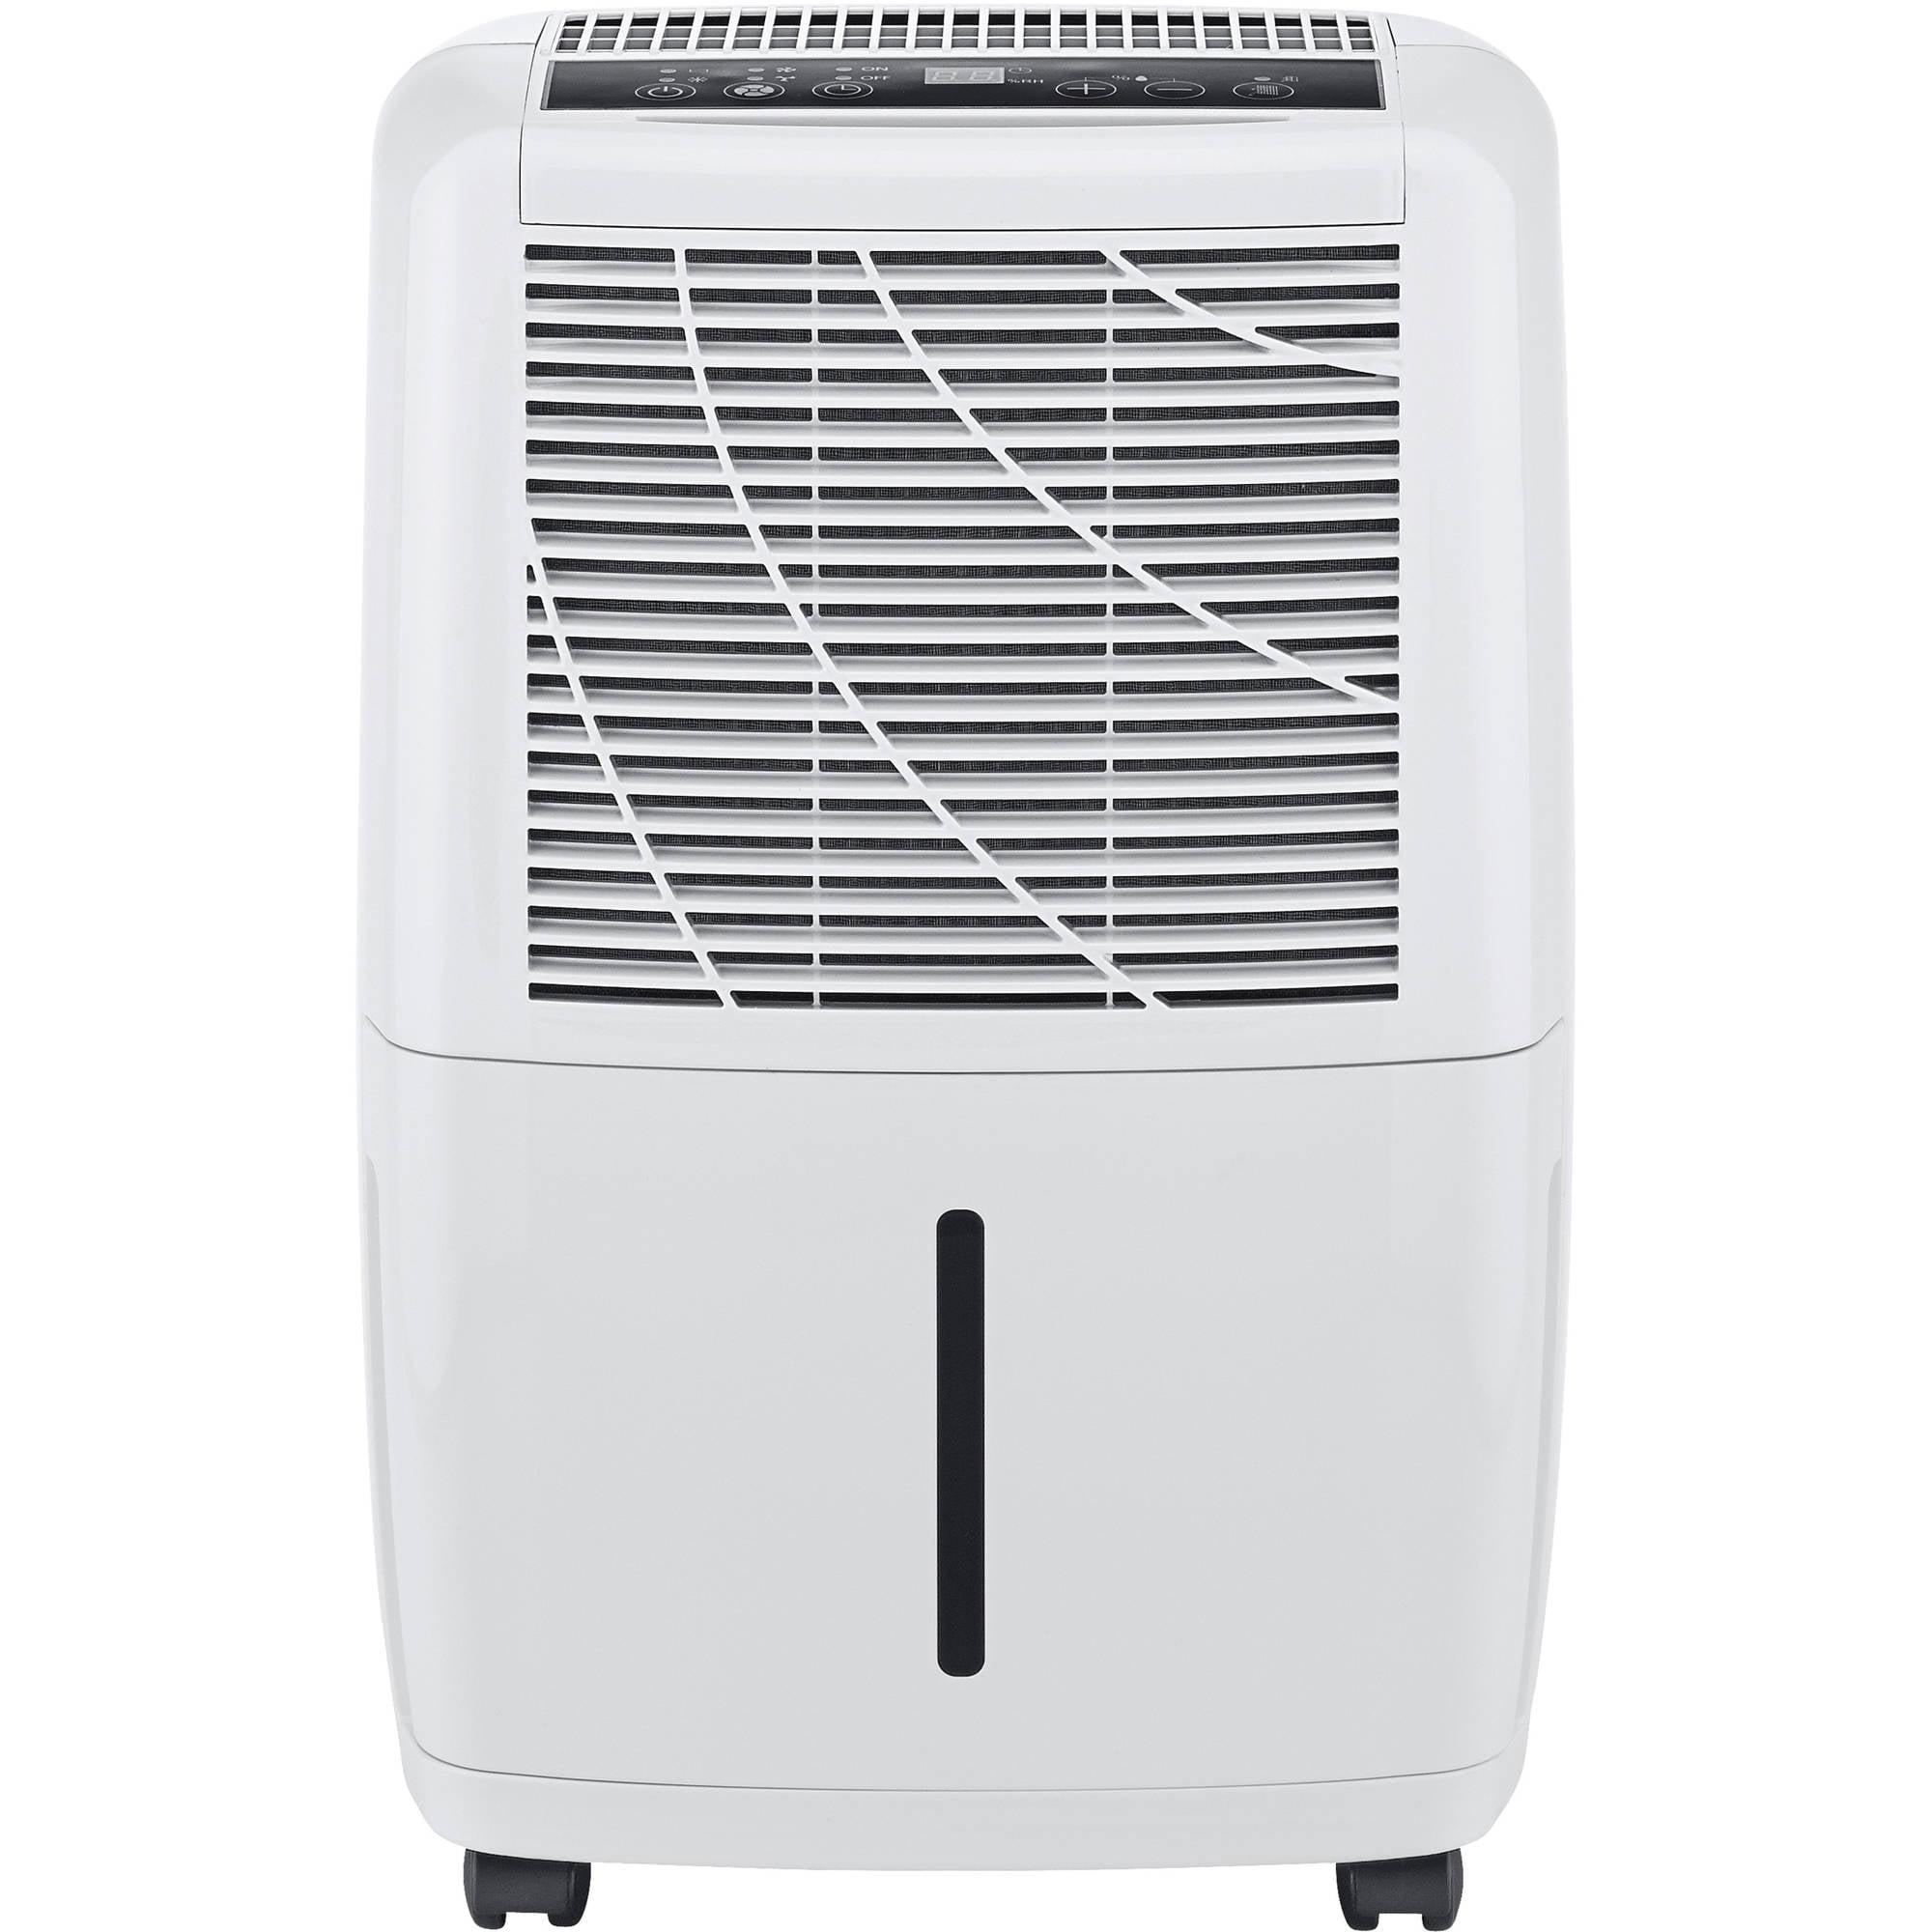 dyna glo 23k btu indoor kerosene heater - black - walmart